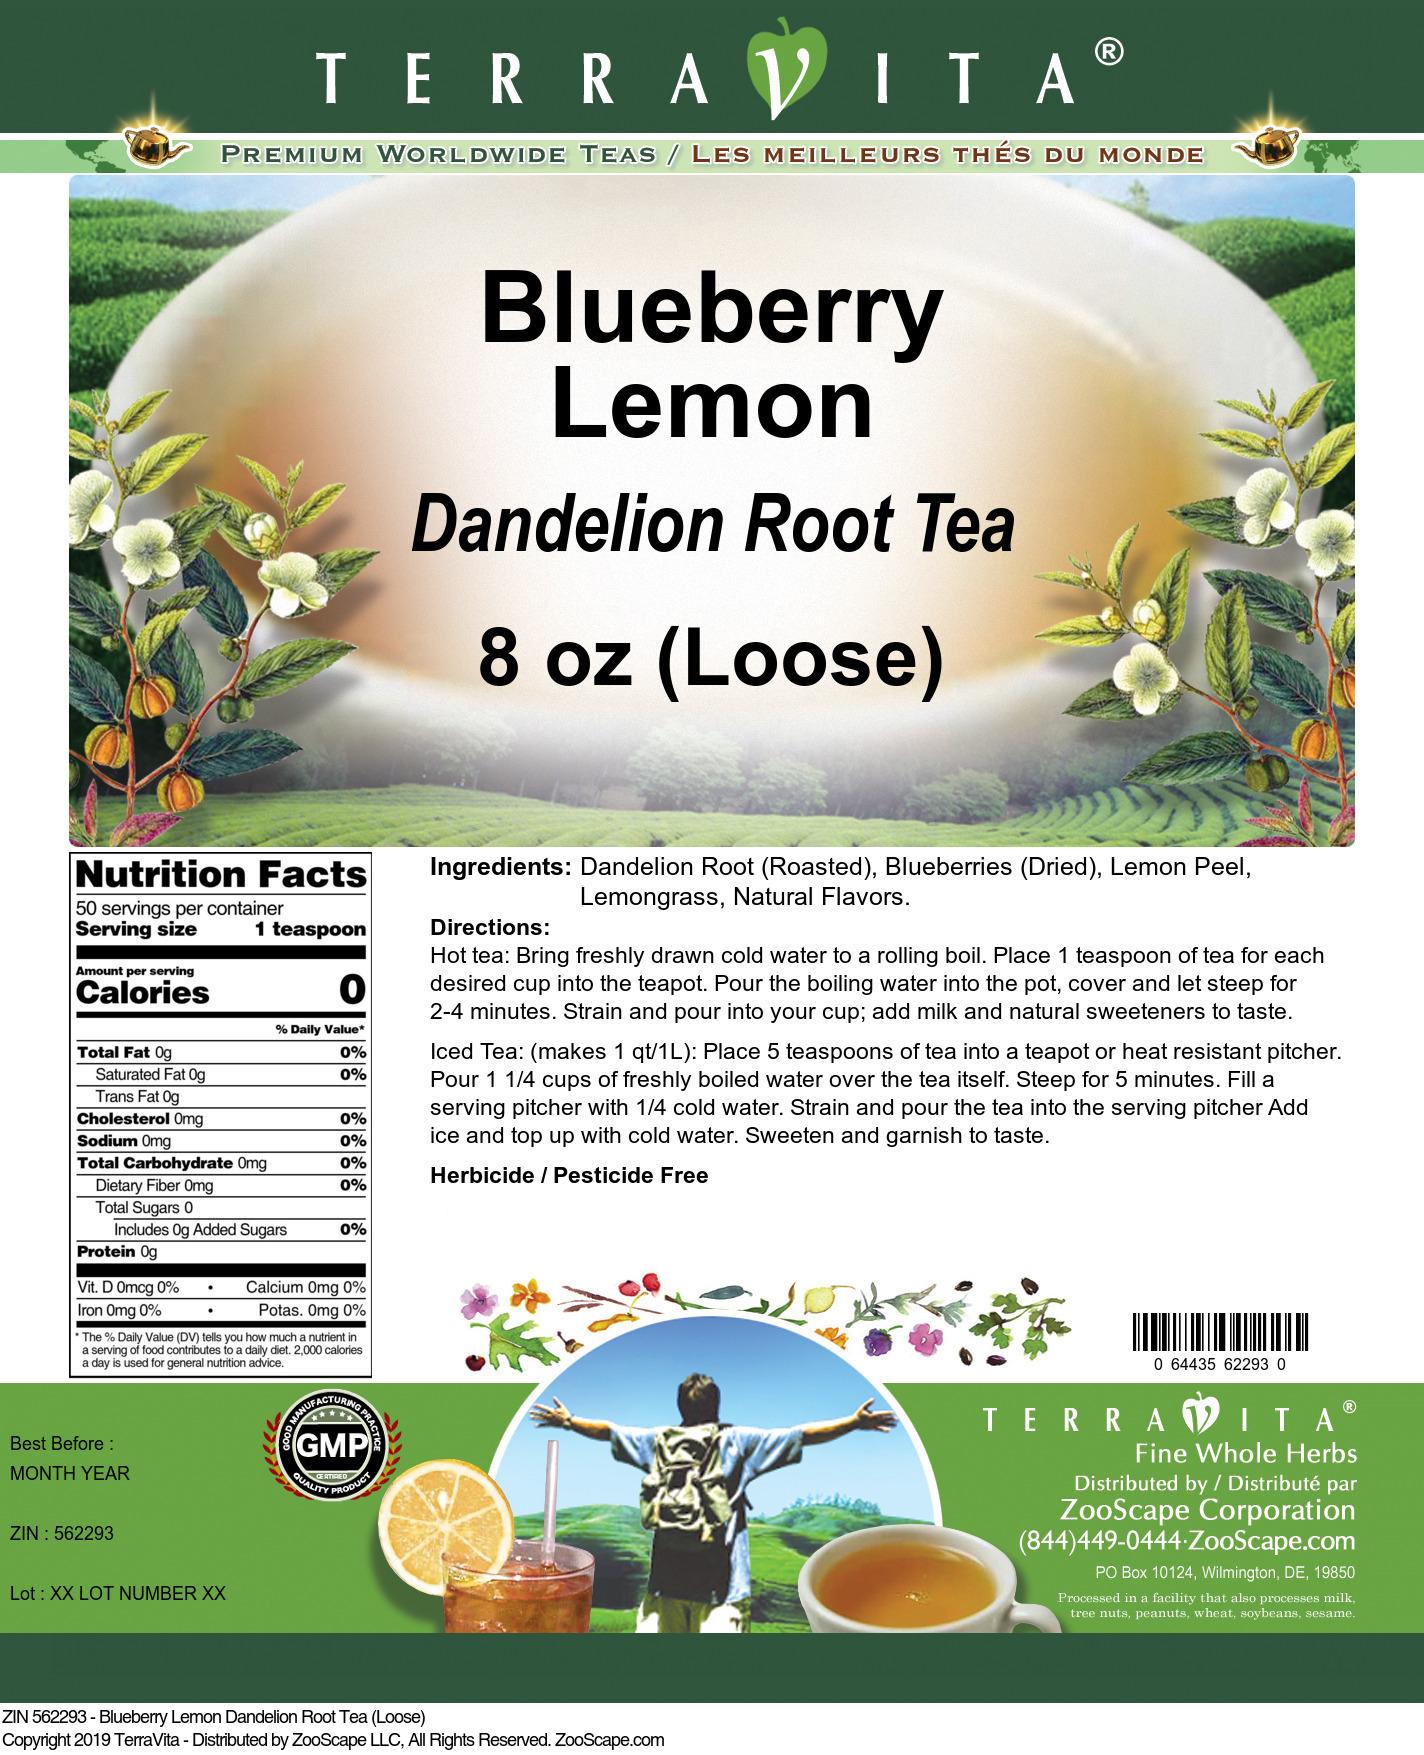 Blueberry Lemon Dandelion Root